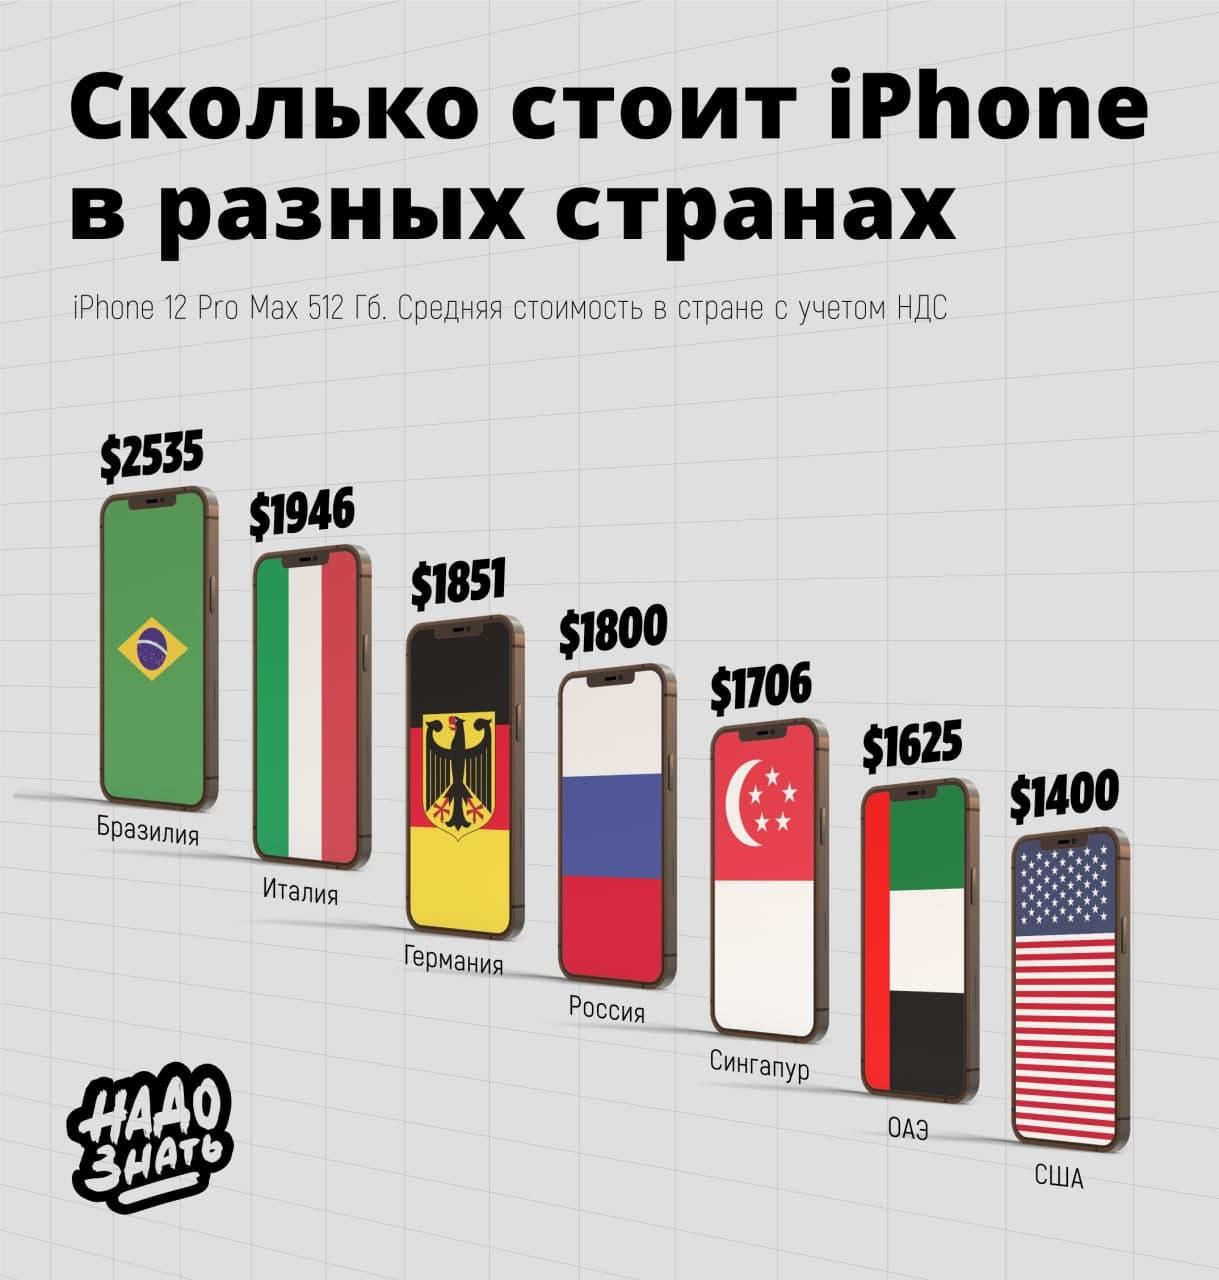 Сколько стоит iPhone в разных странах мира